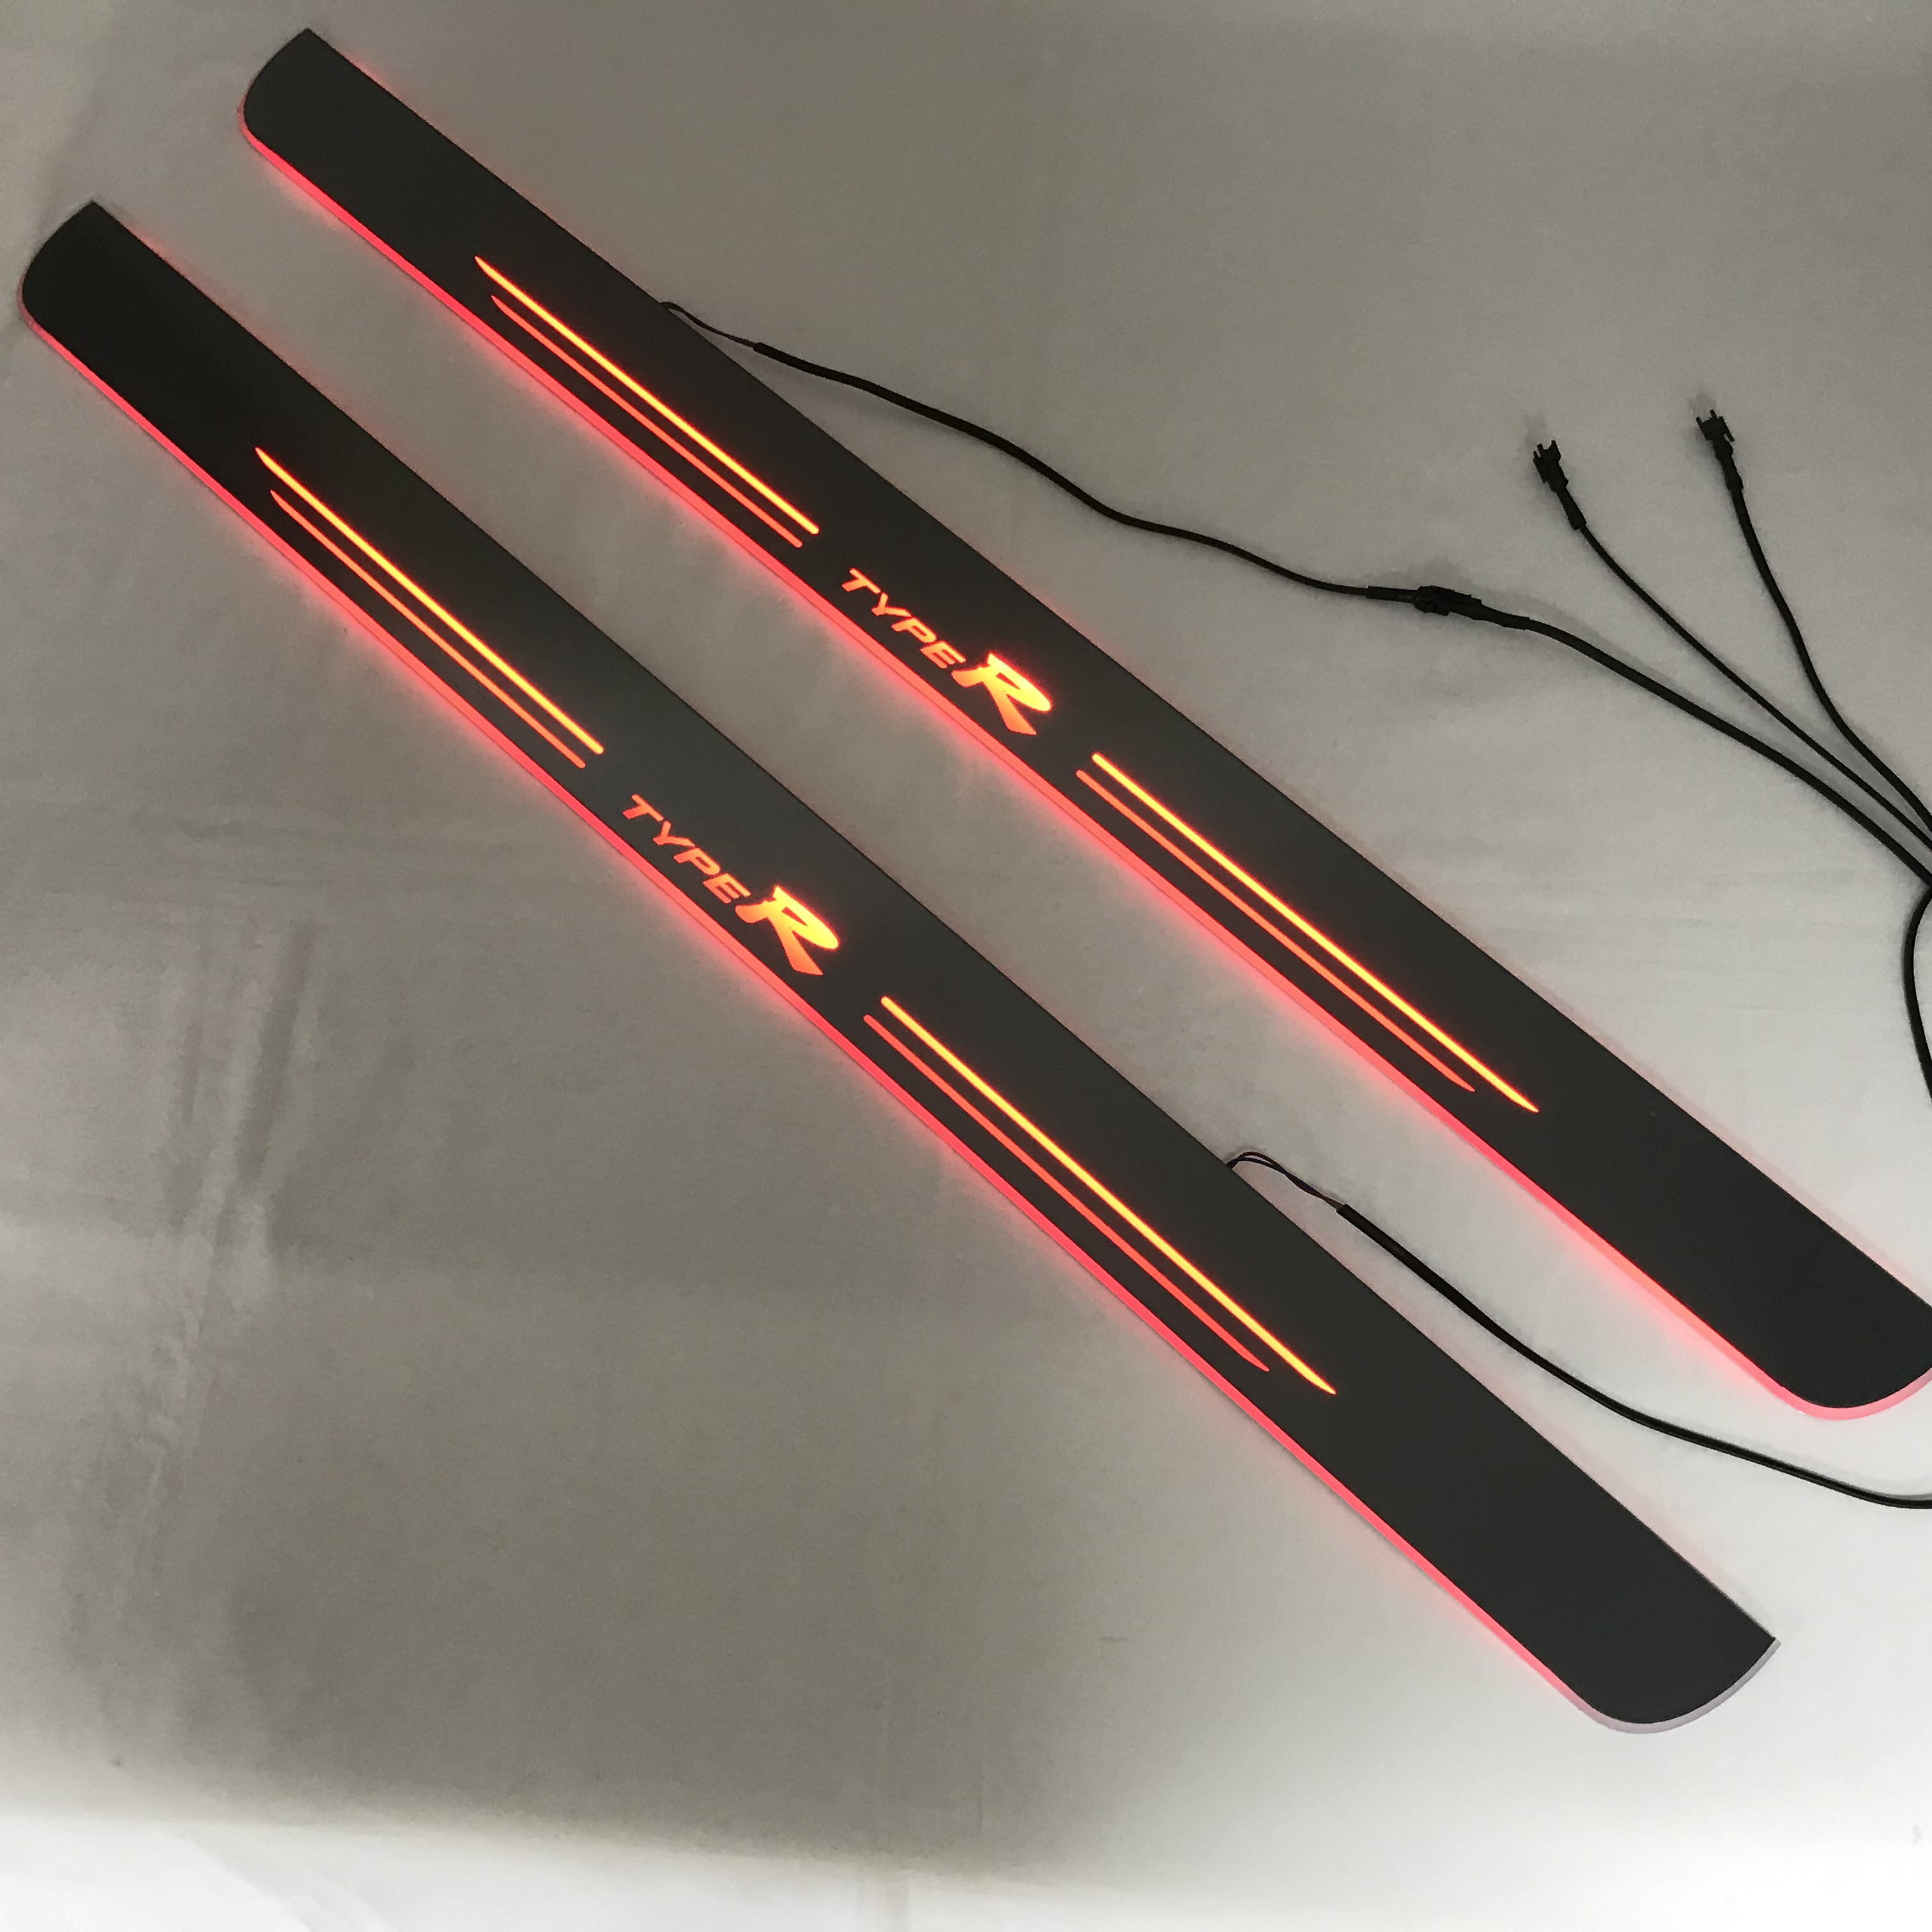 RQXR led seuil de porte mobile pour honda civic type R coupe plaque de seuil de porte dynamique doublure plate superposition flux/lumière fixe, 2 pièces